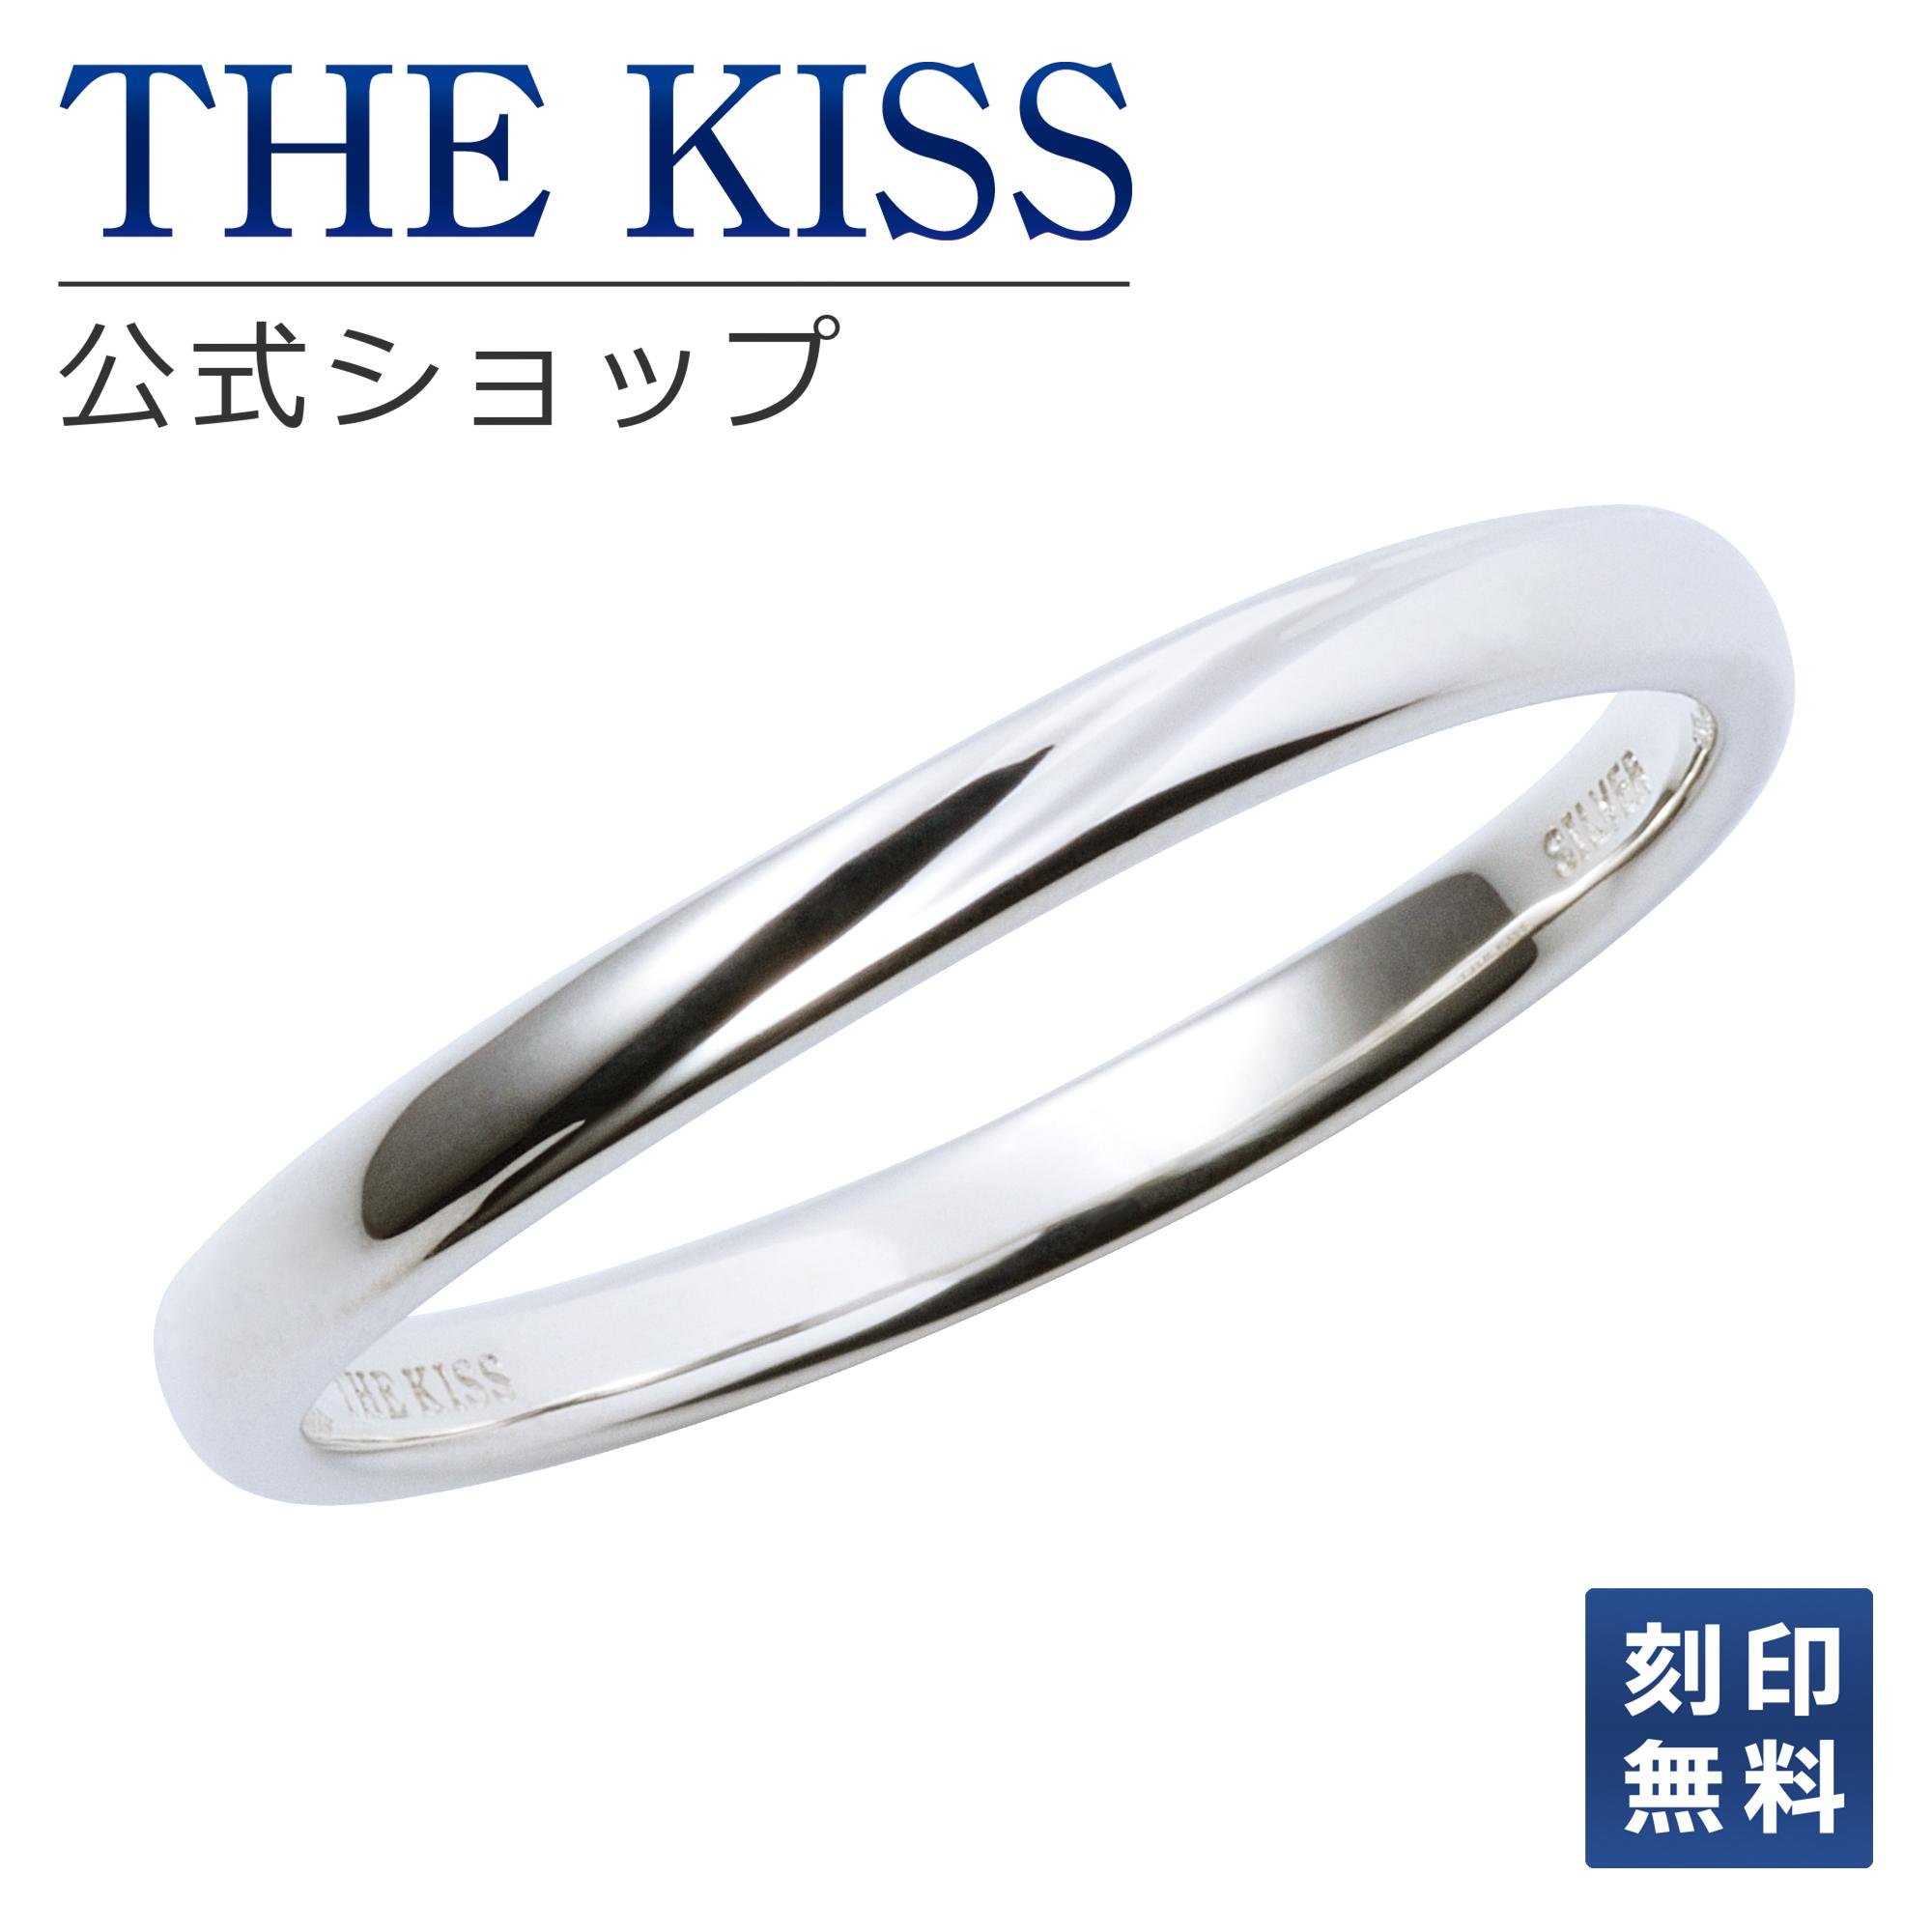 【あす楽対応】THE KISS 公式サイト シルバー ペアリング ( メンズ 単品 ) ブルーダイヤモンド ペアアクセサリー カップル に 人気 の ジュエリーブランド THEKISS ペア リング・指輪 記念日 プレゼント SR2007BDM ザキス 【送料無料】